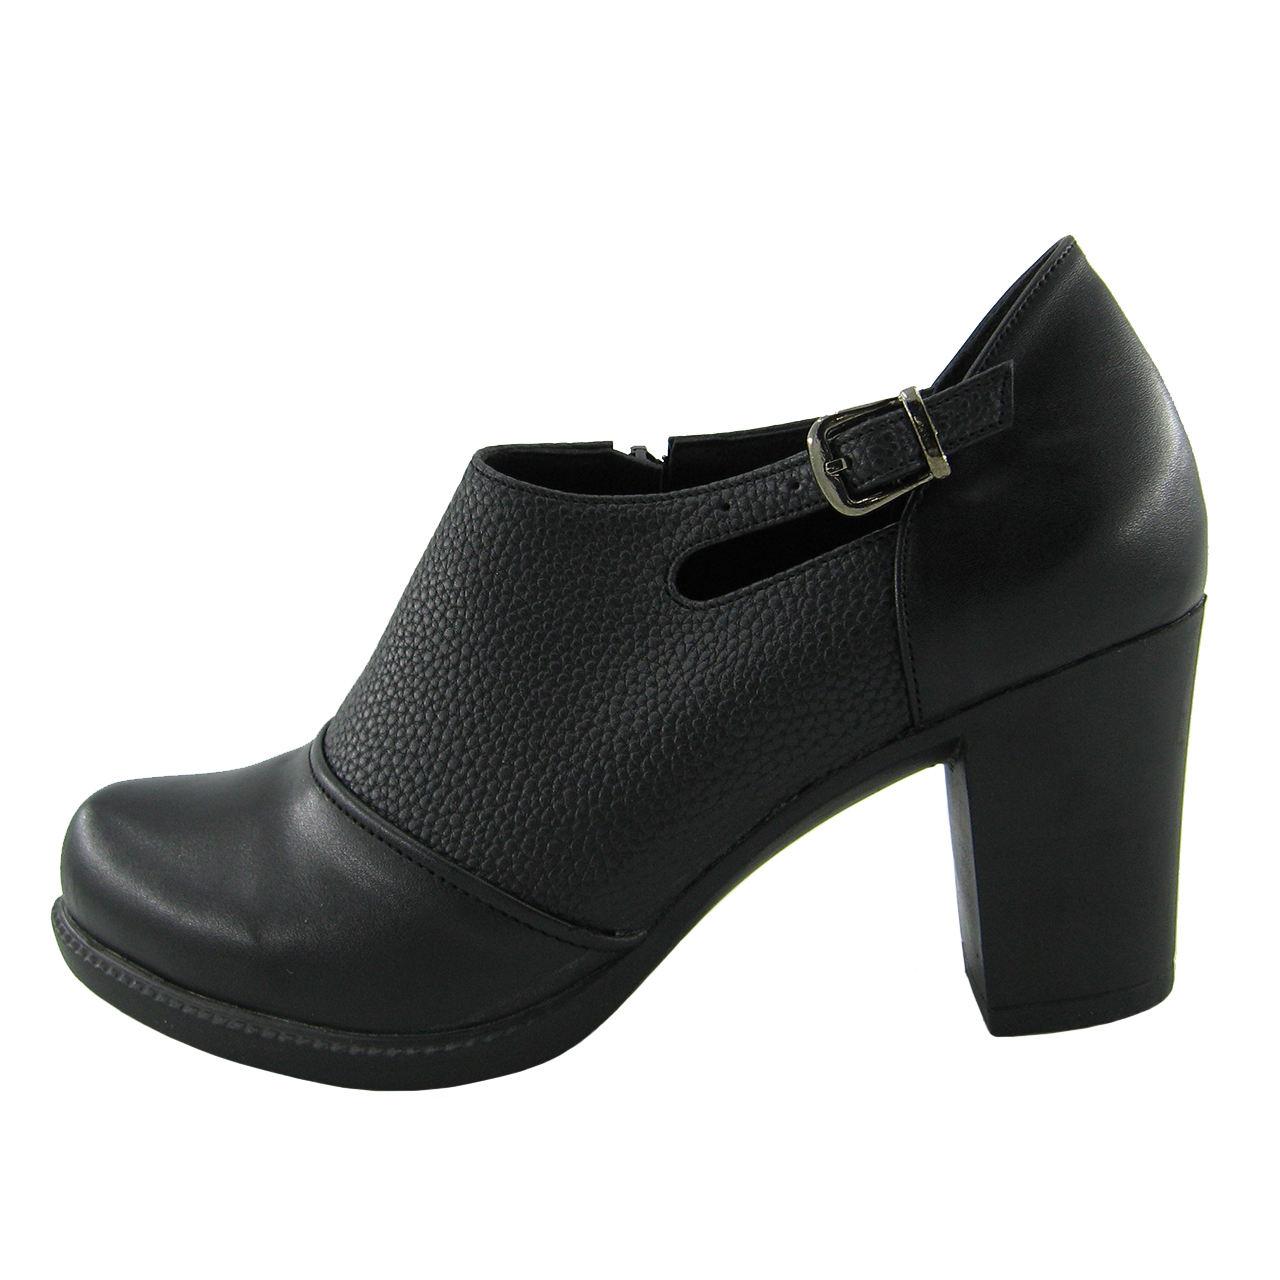 کفش زنانه مدل سانسا کد 01 -  - 3